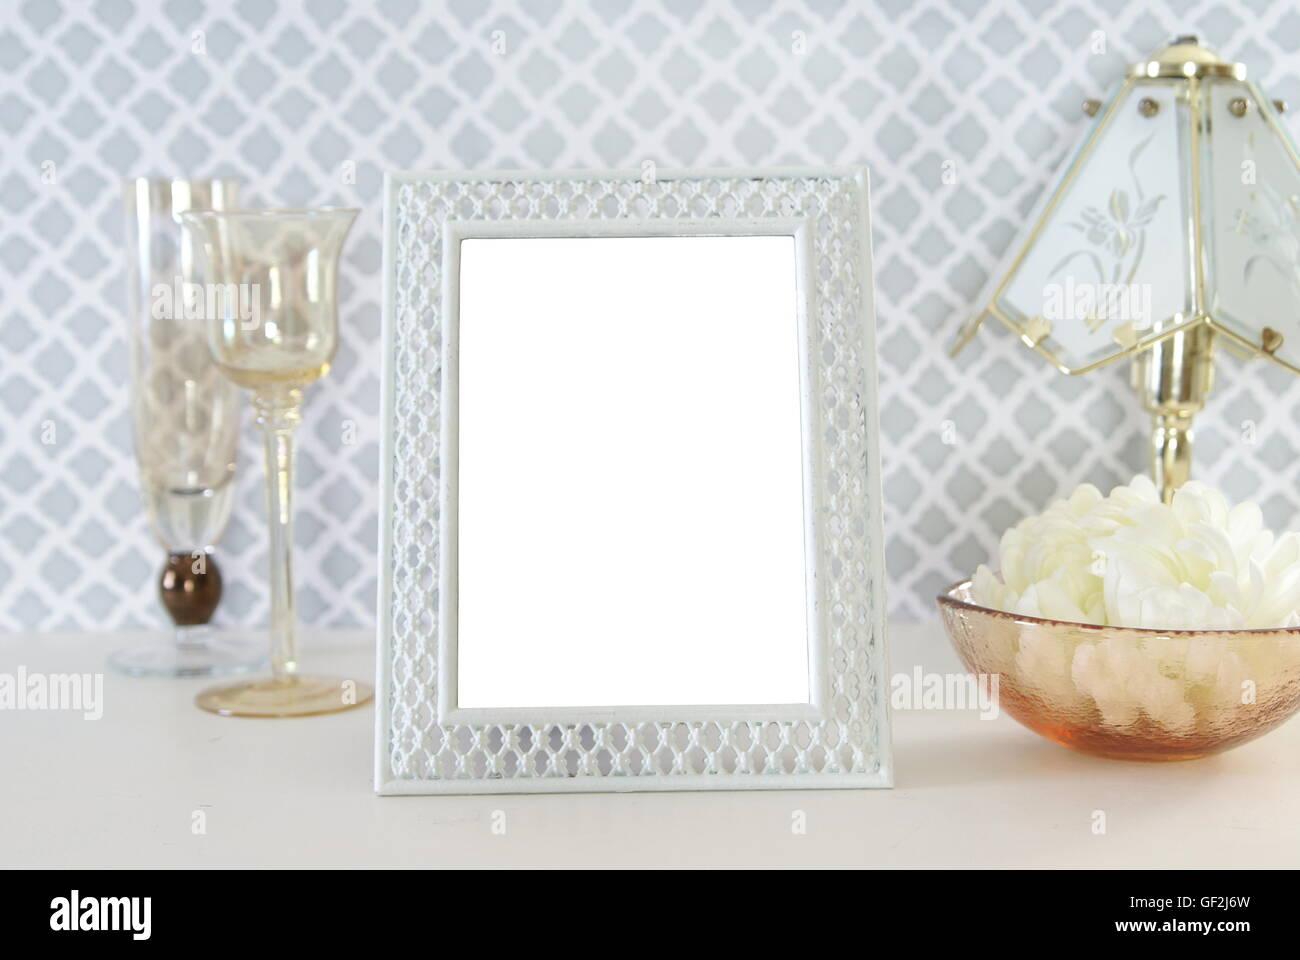 Cadre photo style vintage blanc avec des verres et de la décoration organisé près de lui. Banque D'Images